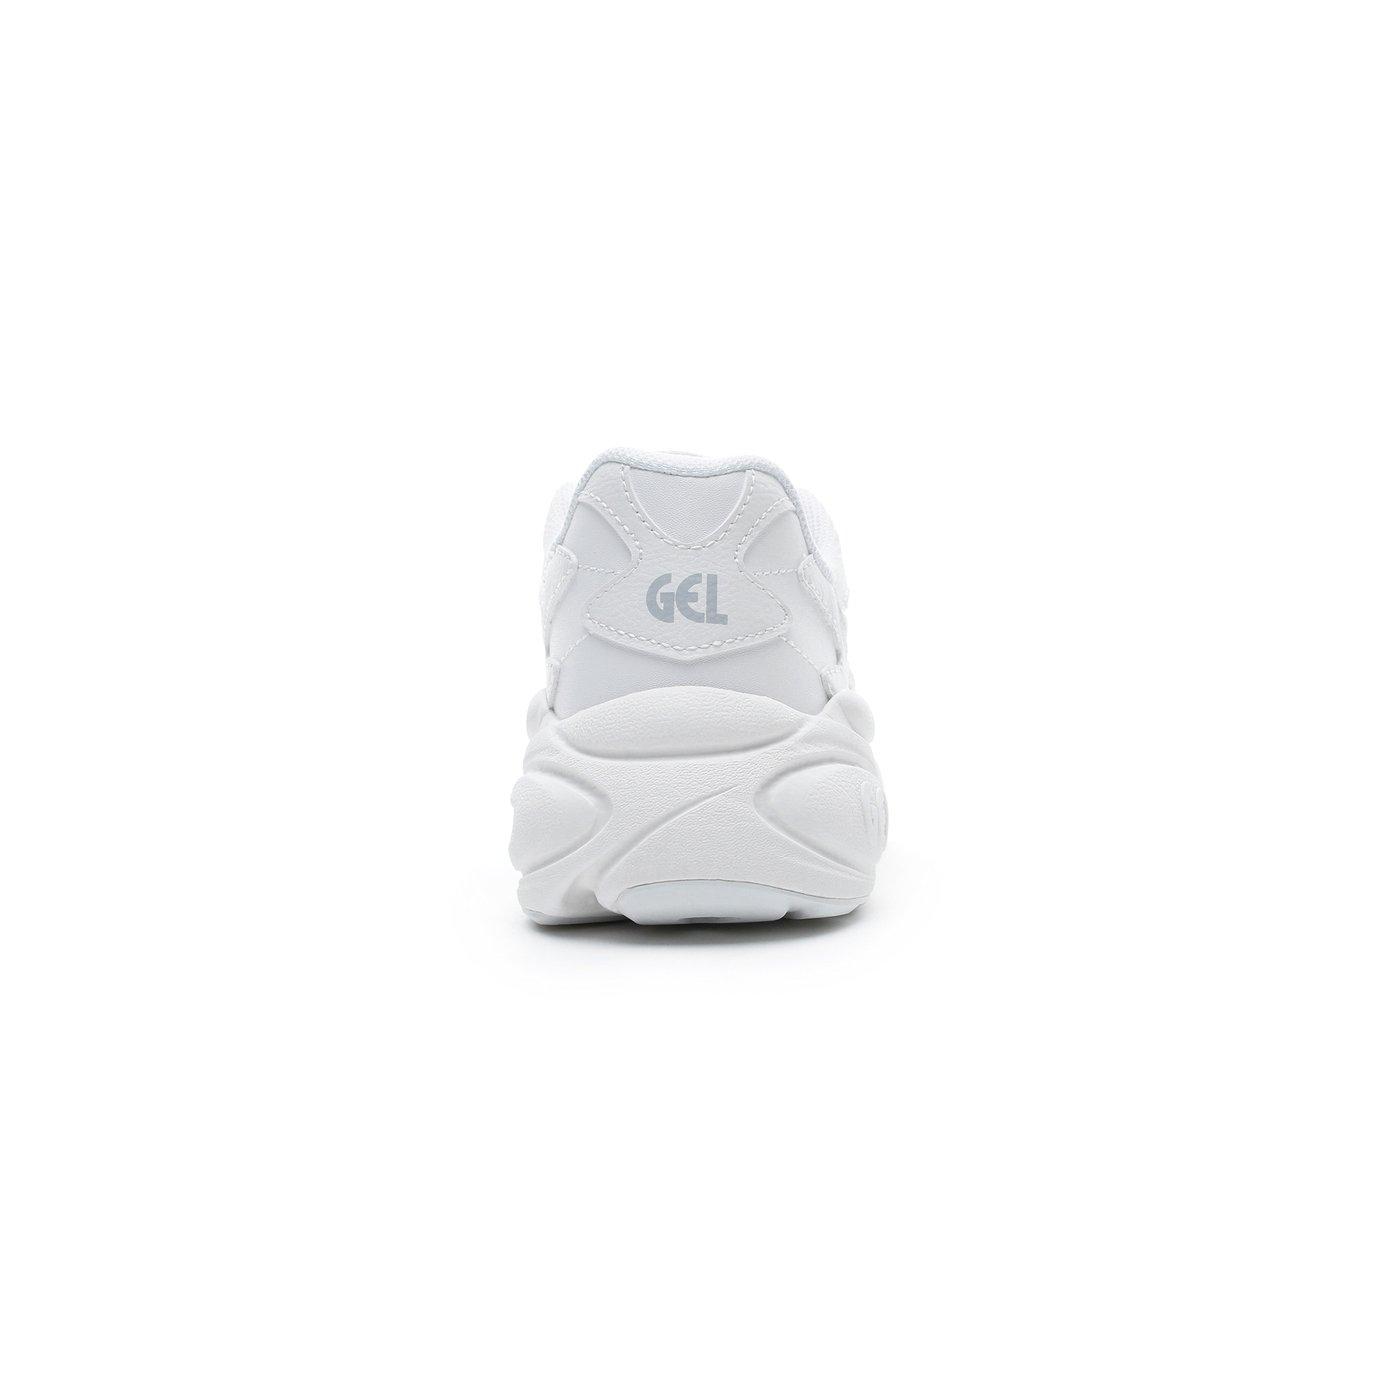 Asics Gel-BND Beyaz Unisex Spor Ayakkabı